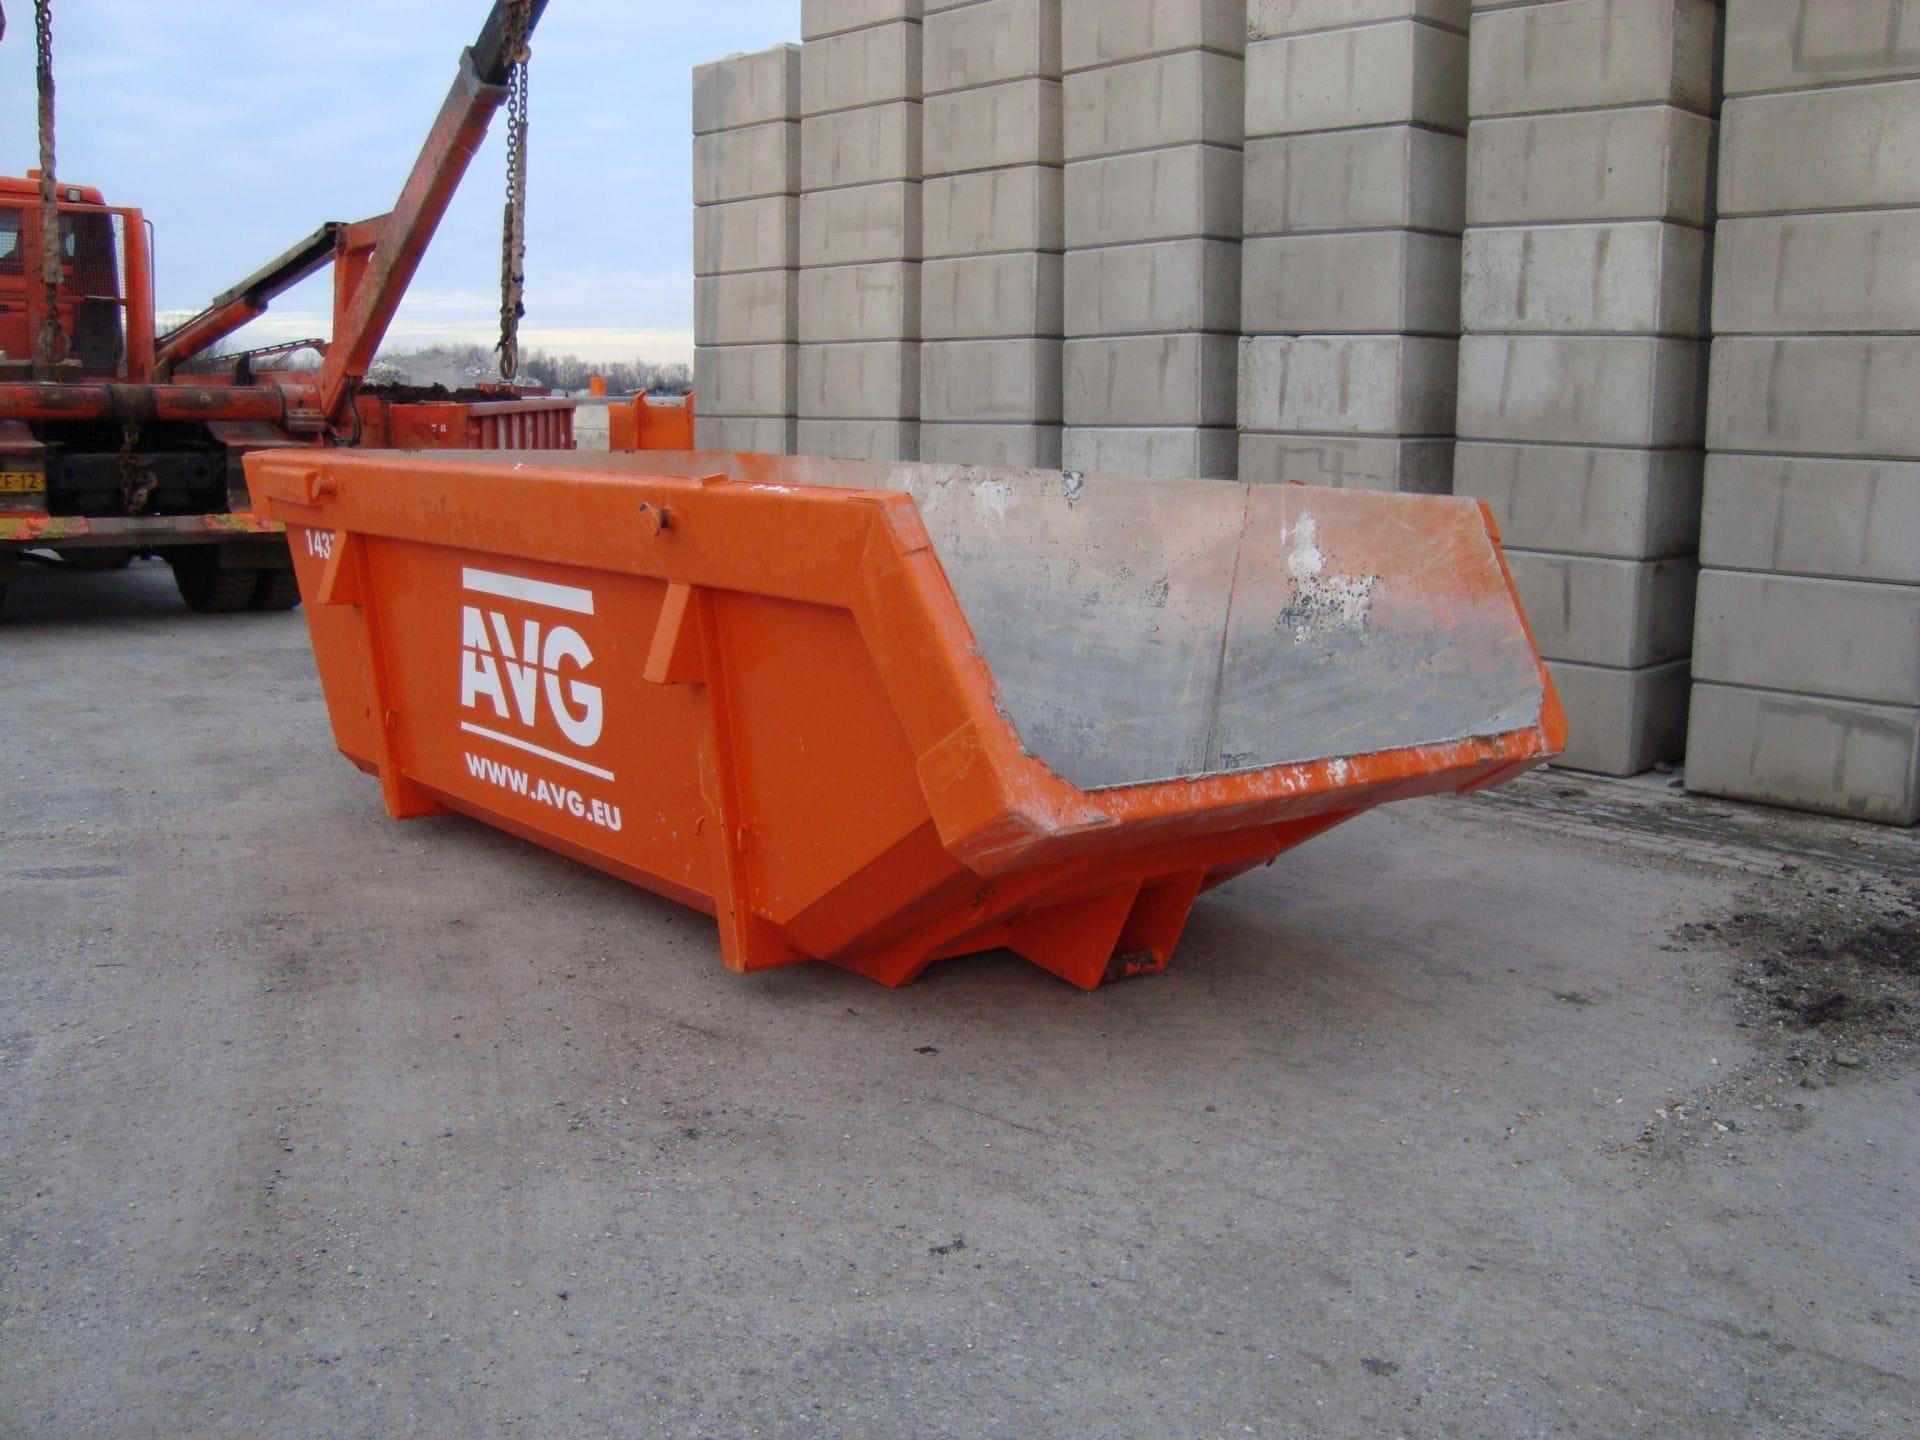 kleine-container-11-avg-bouwstoffen